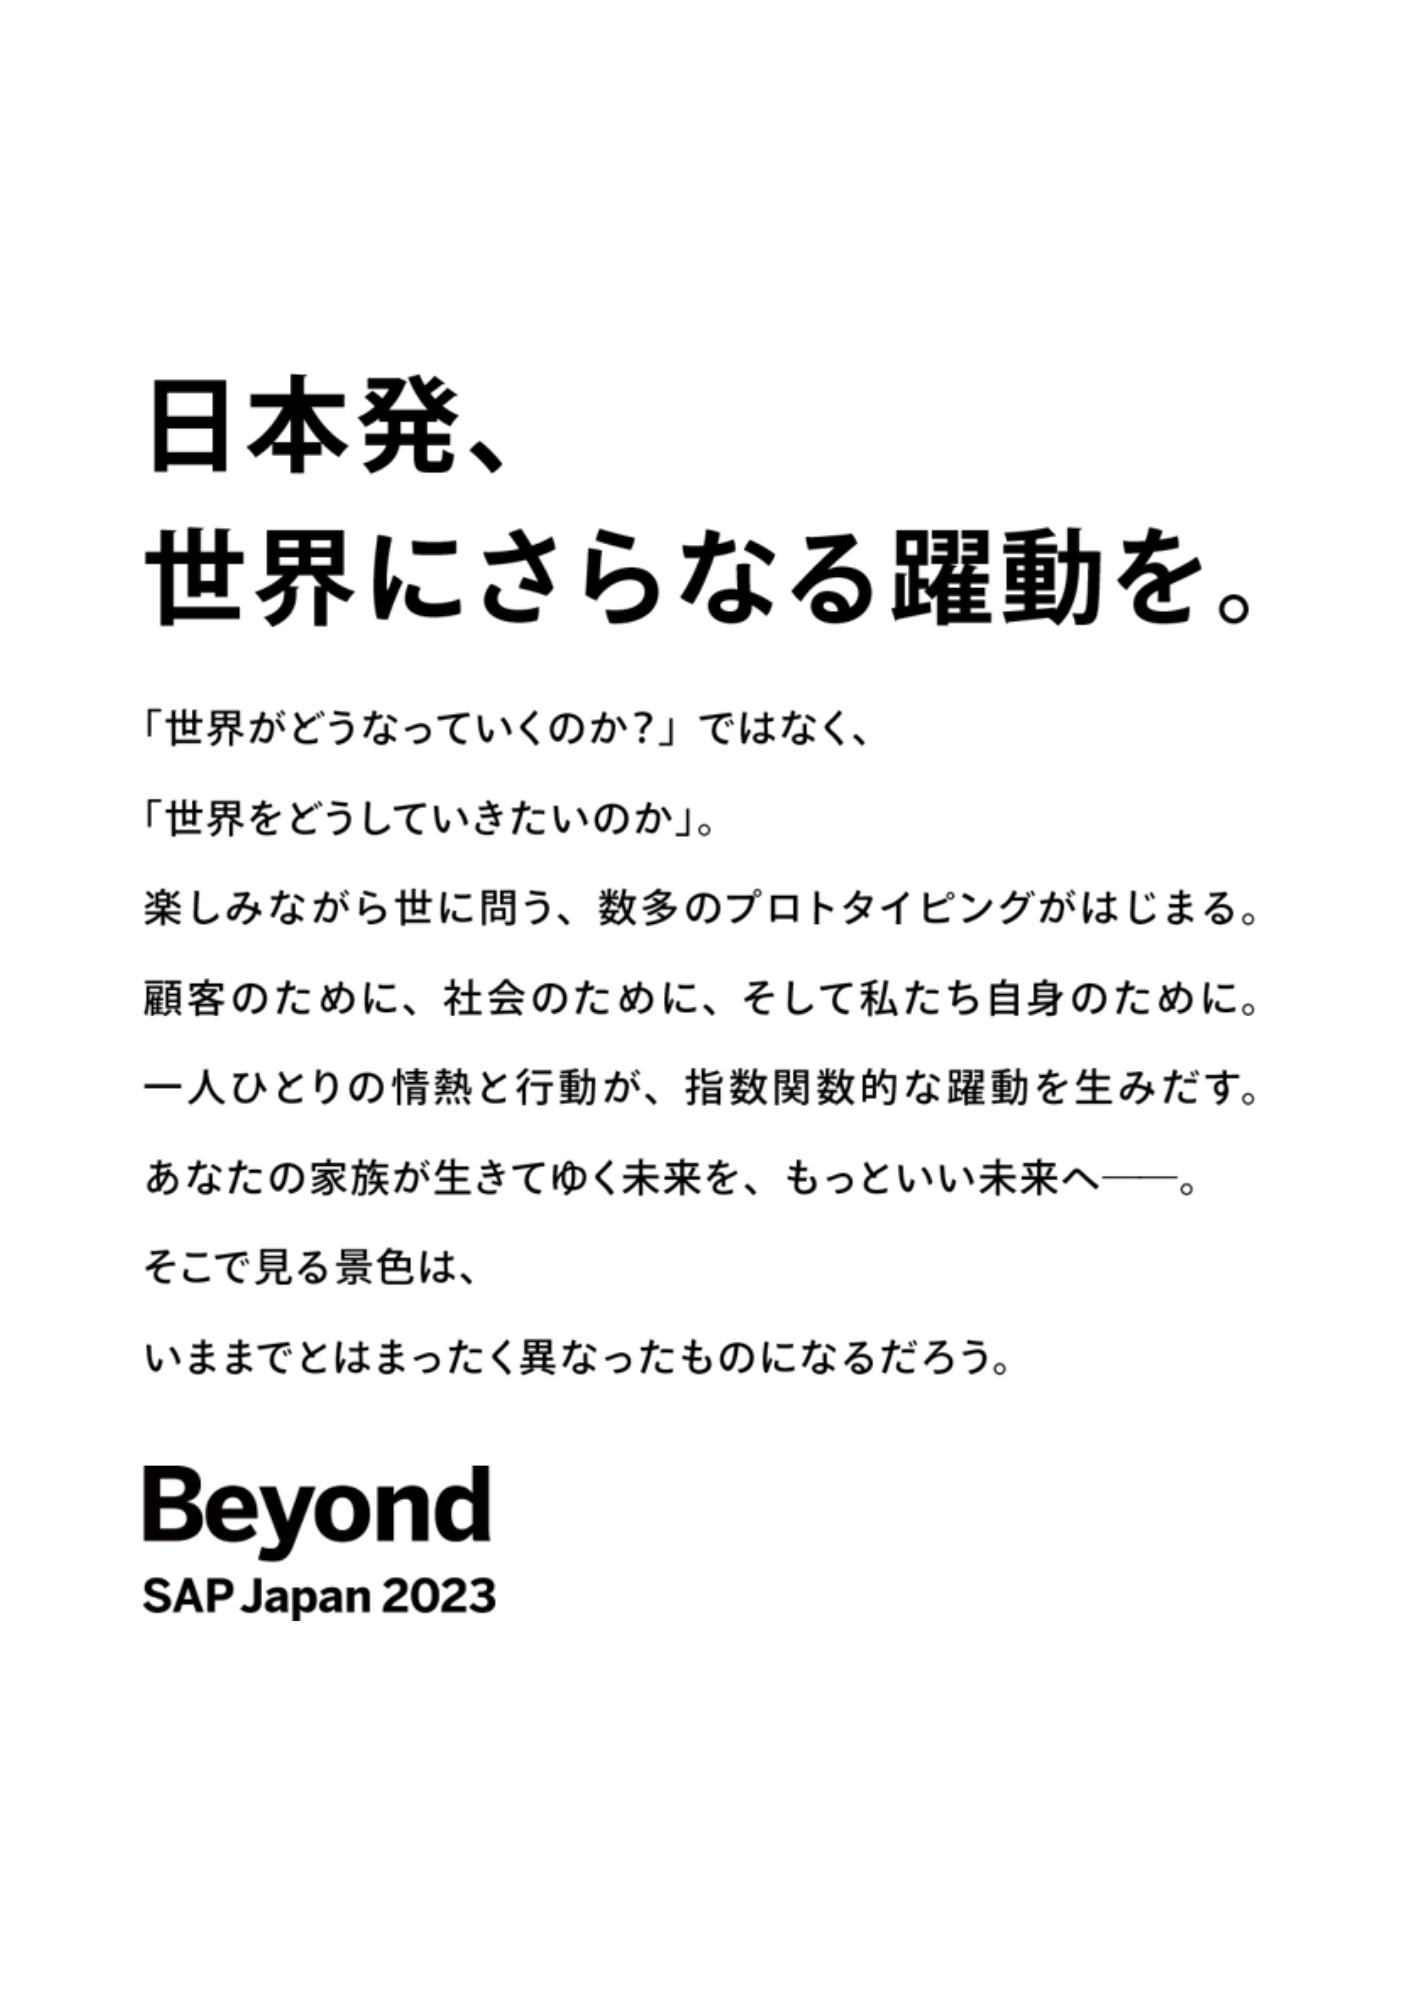 日本発、世界にさらなる躍動を。